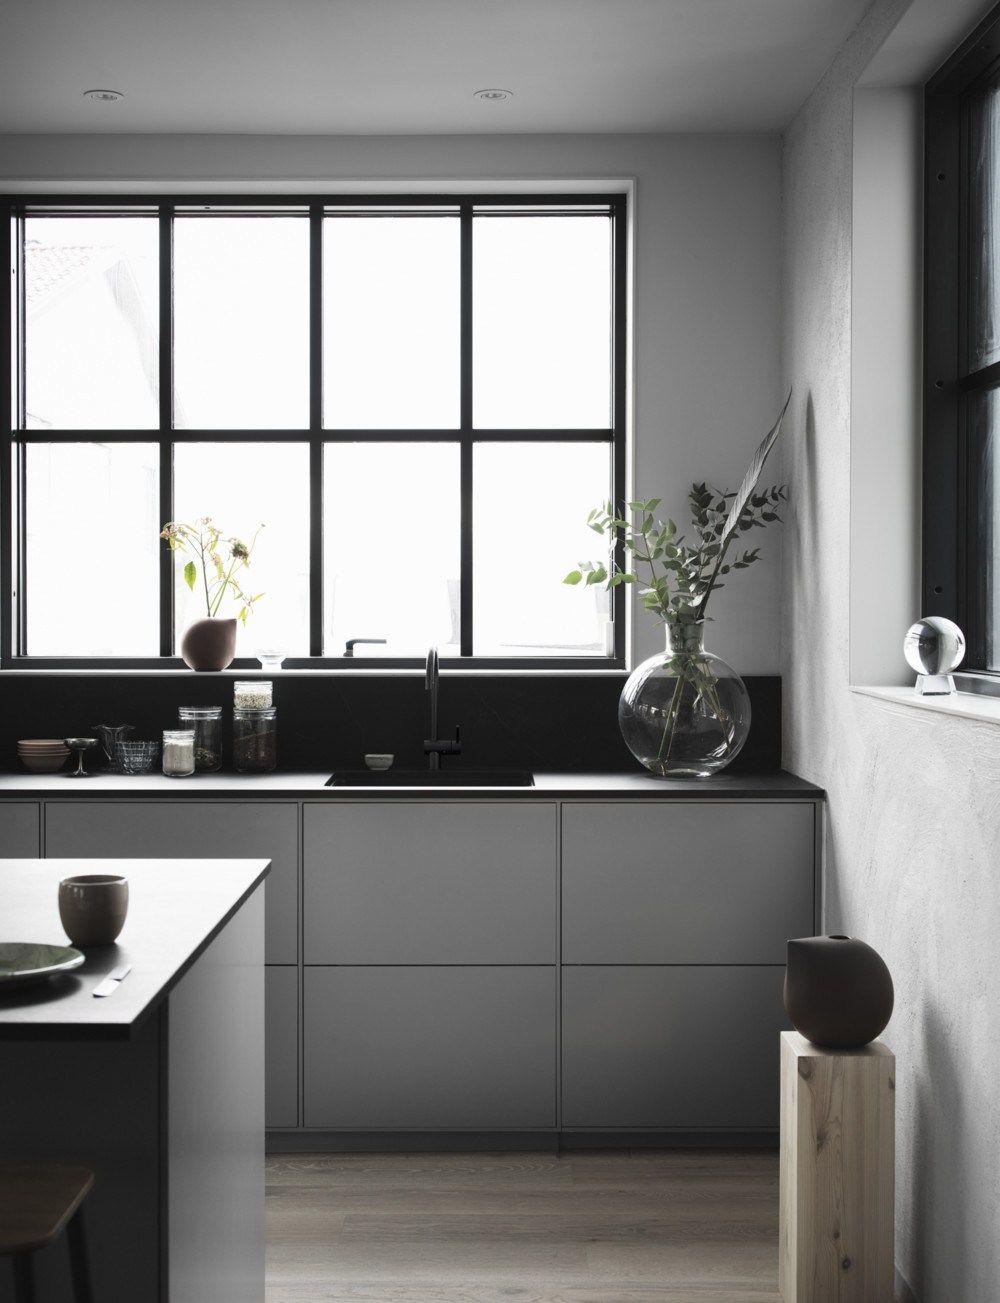 Minimal and industrial kitchen Minimal kitchen design